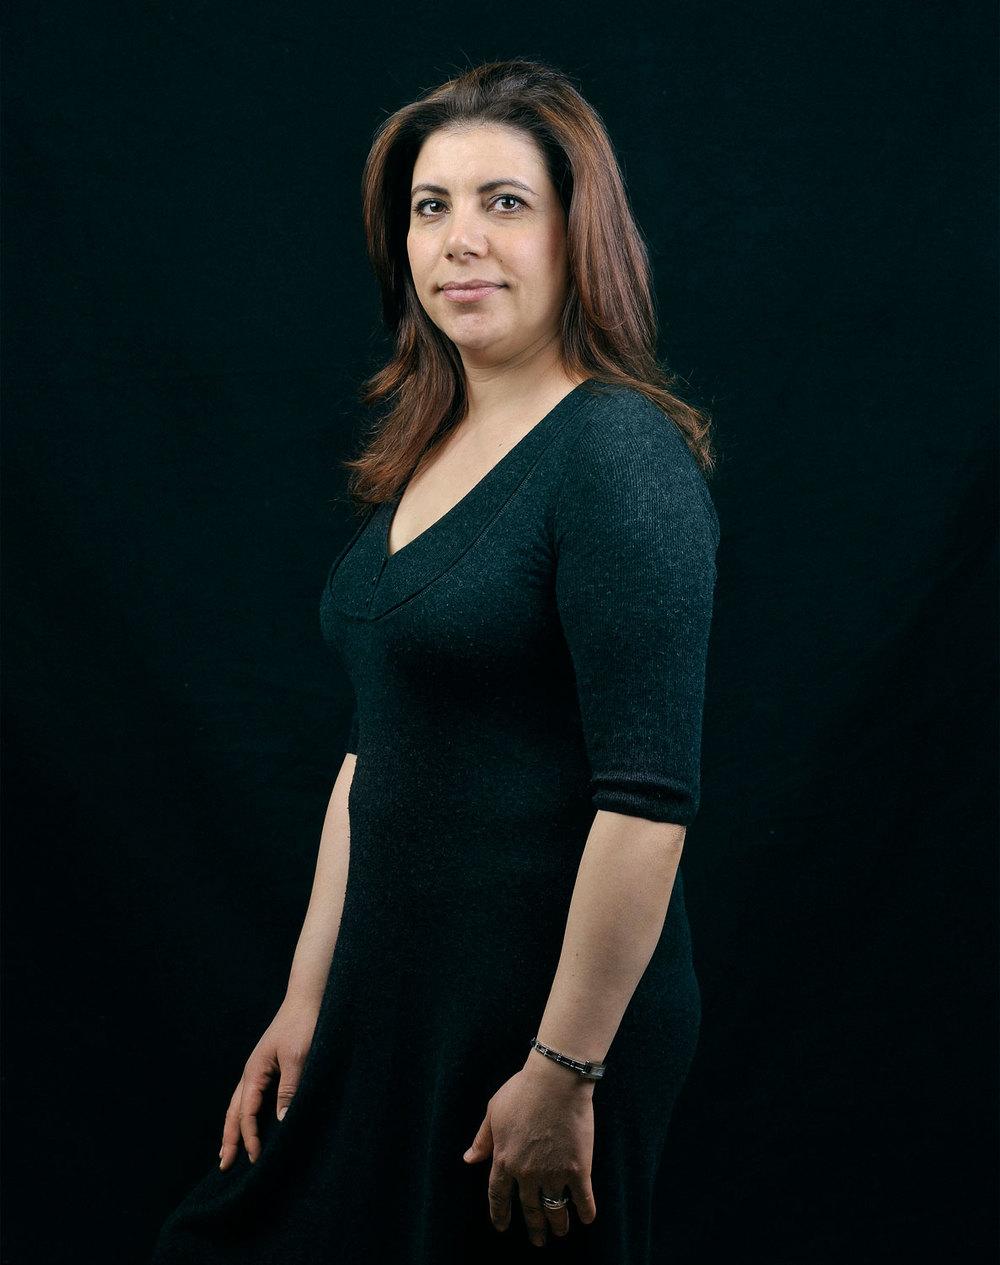 Atika Calvo, originaire d'Algérie